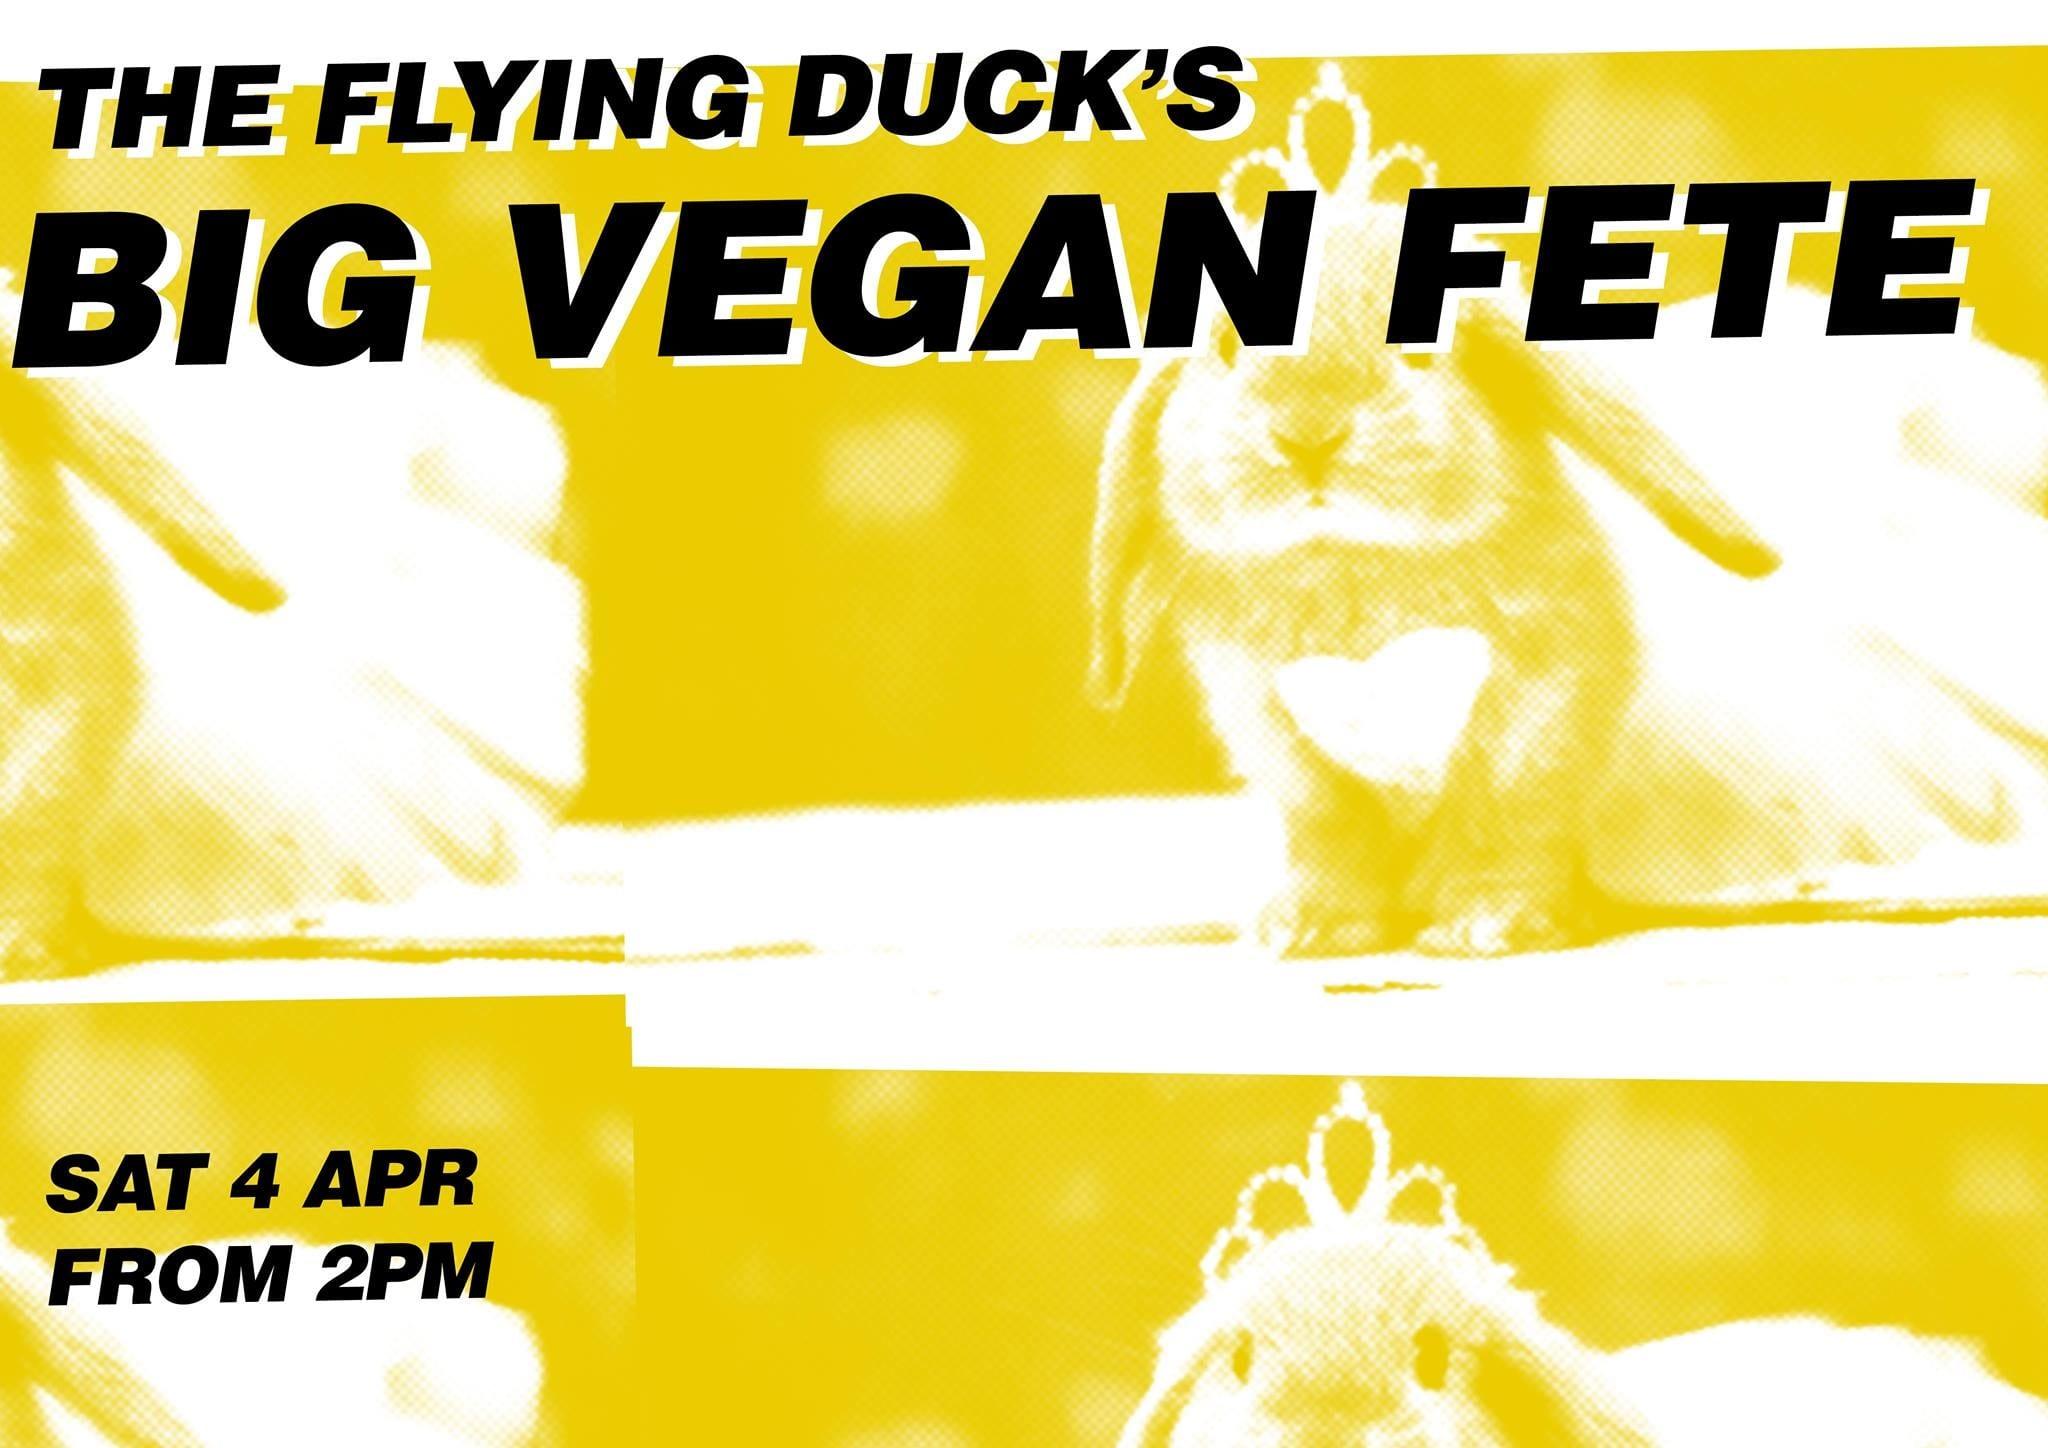 the flying duck big vegan fete